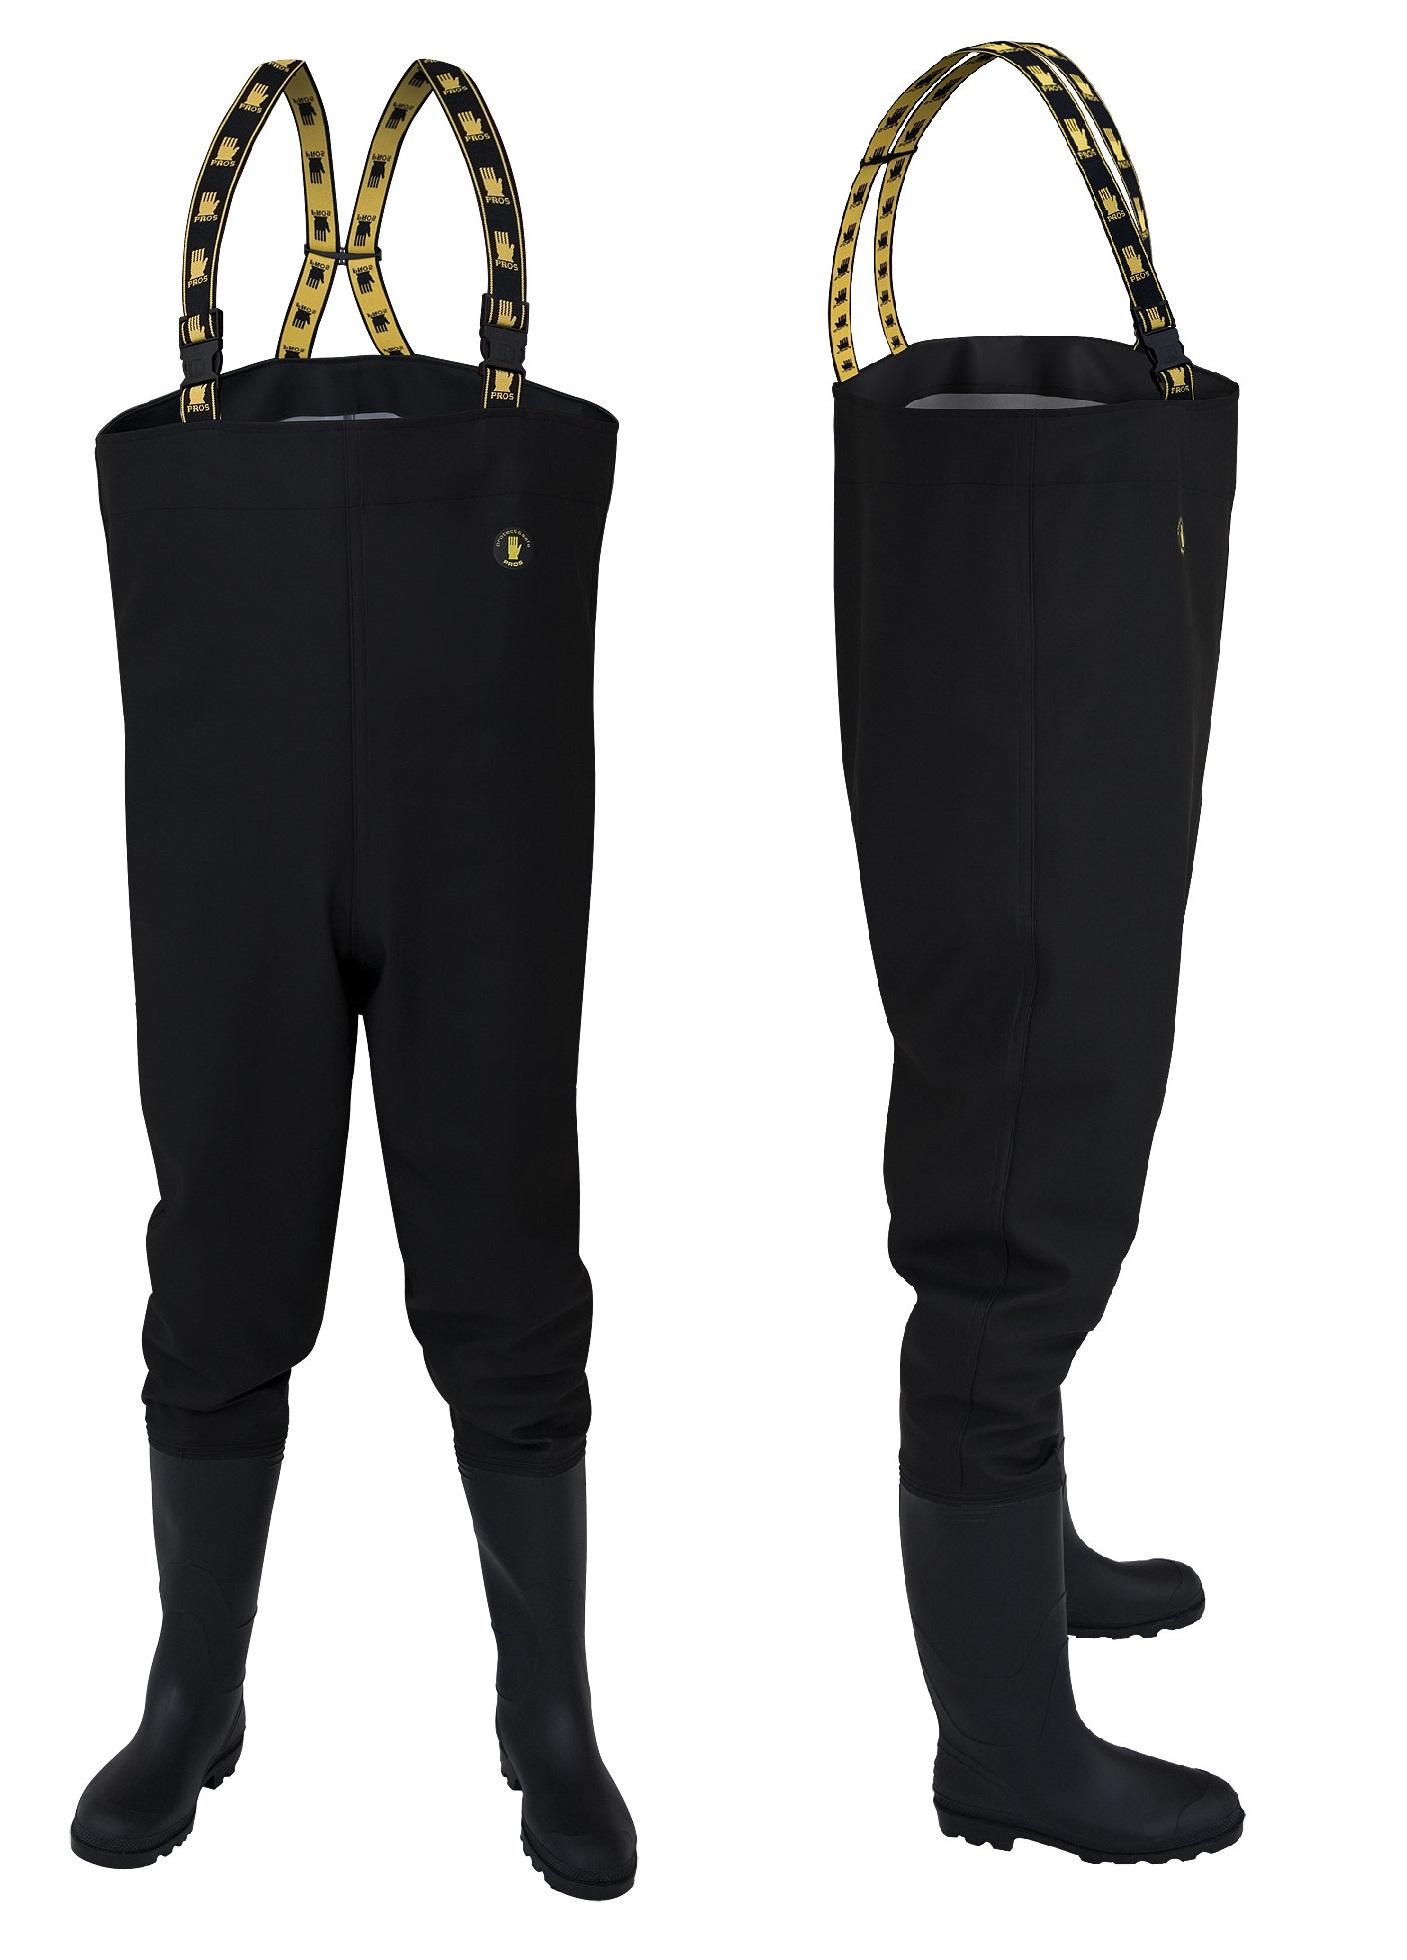 Topánky Marsh Rybolovu Čierne KLADY veľkosť.44